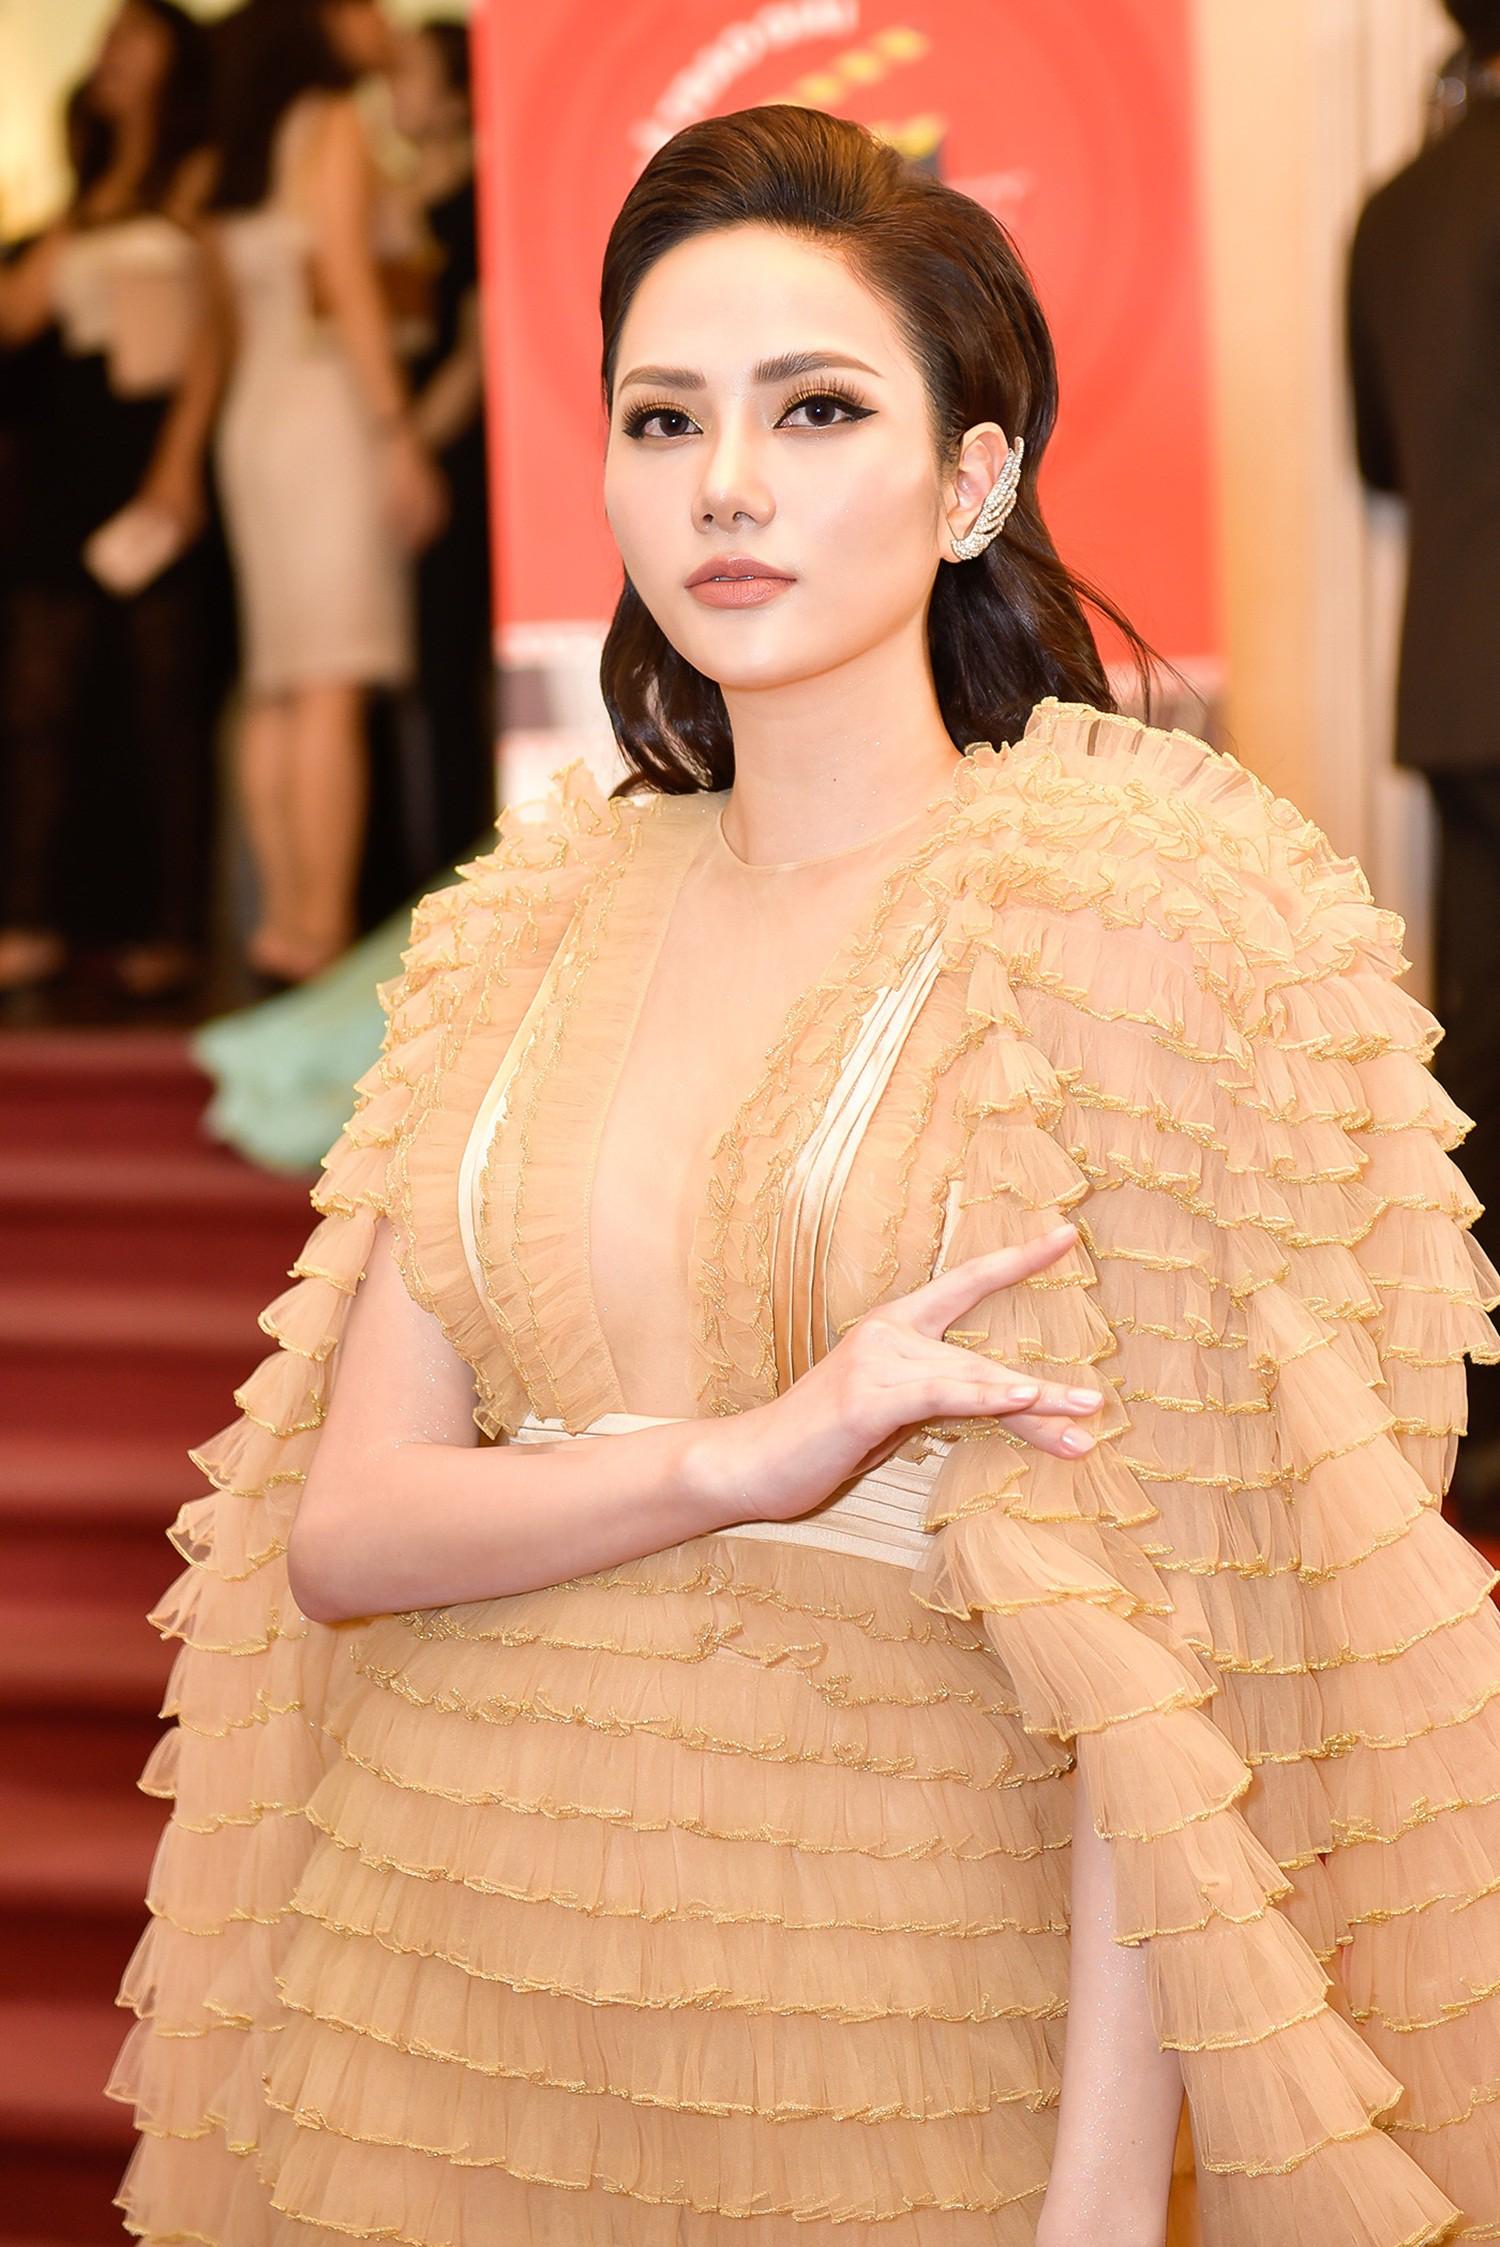 Hứa Vĩ Văn hóa quý ông lịch lãm, Hoa hậu Diệu Linh diện đầm độc nổi bật  - Ảnh 1.